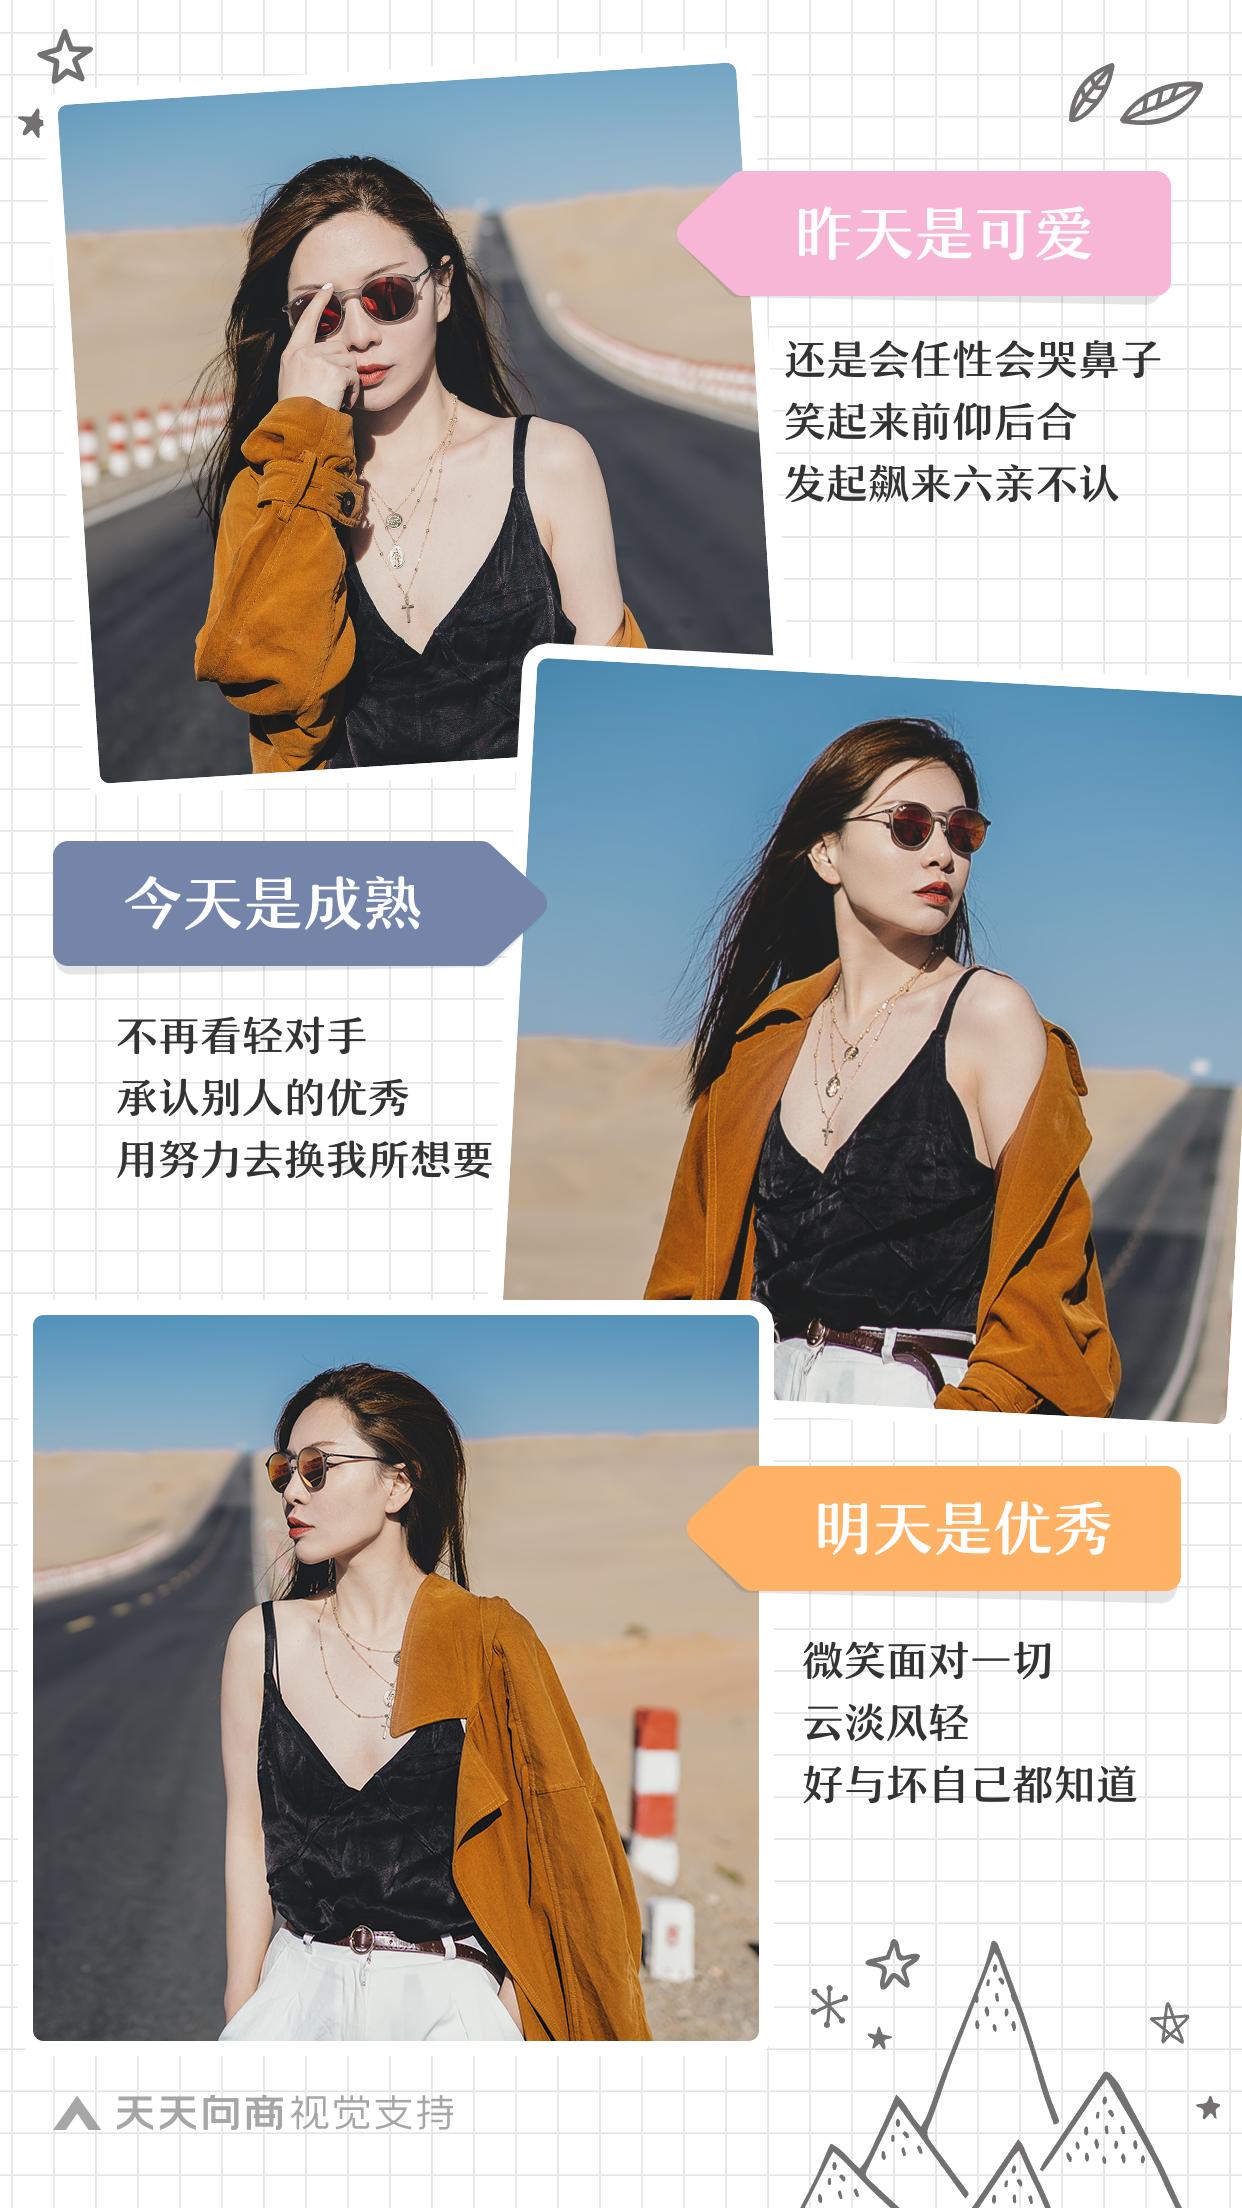 文艺语录晒图海报